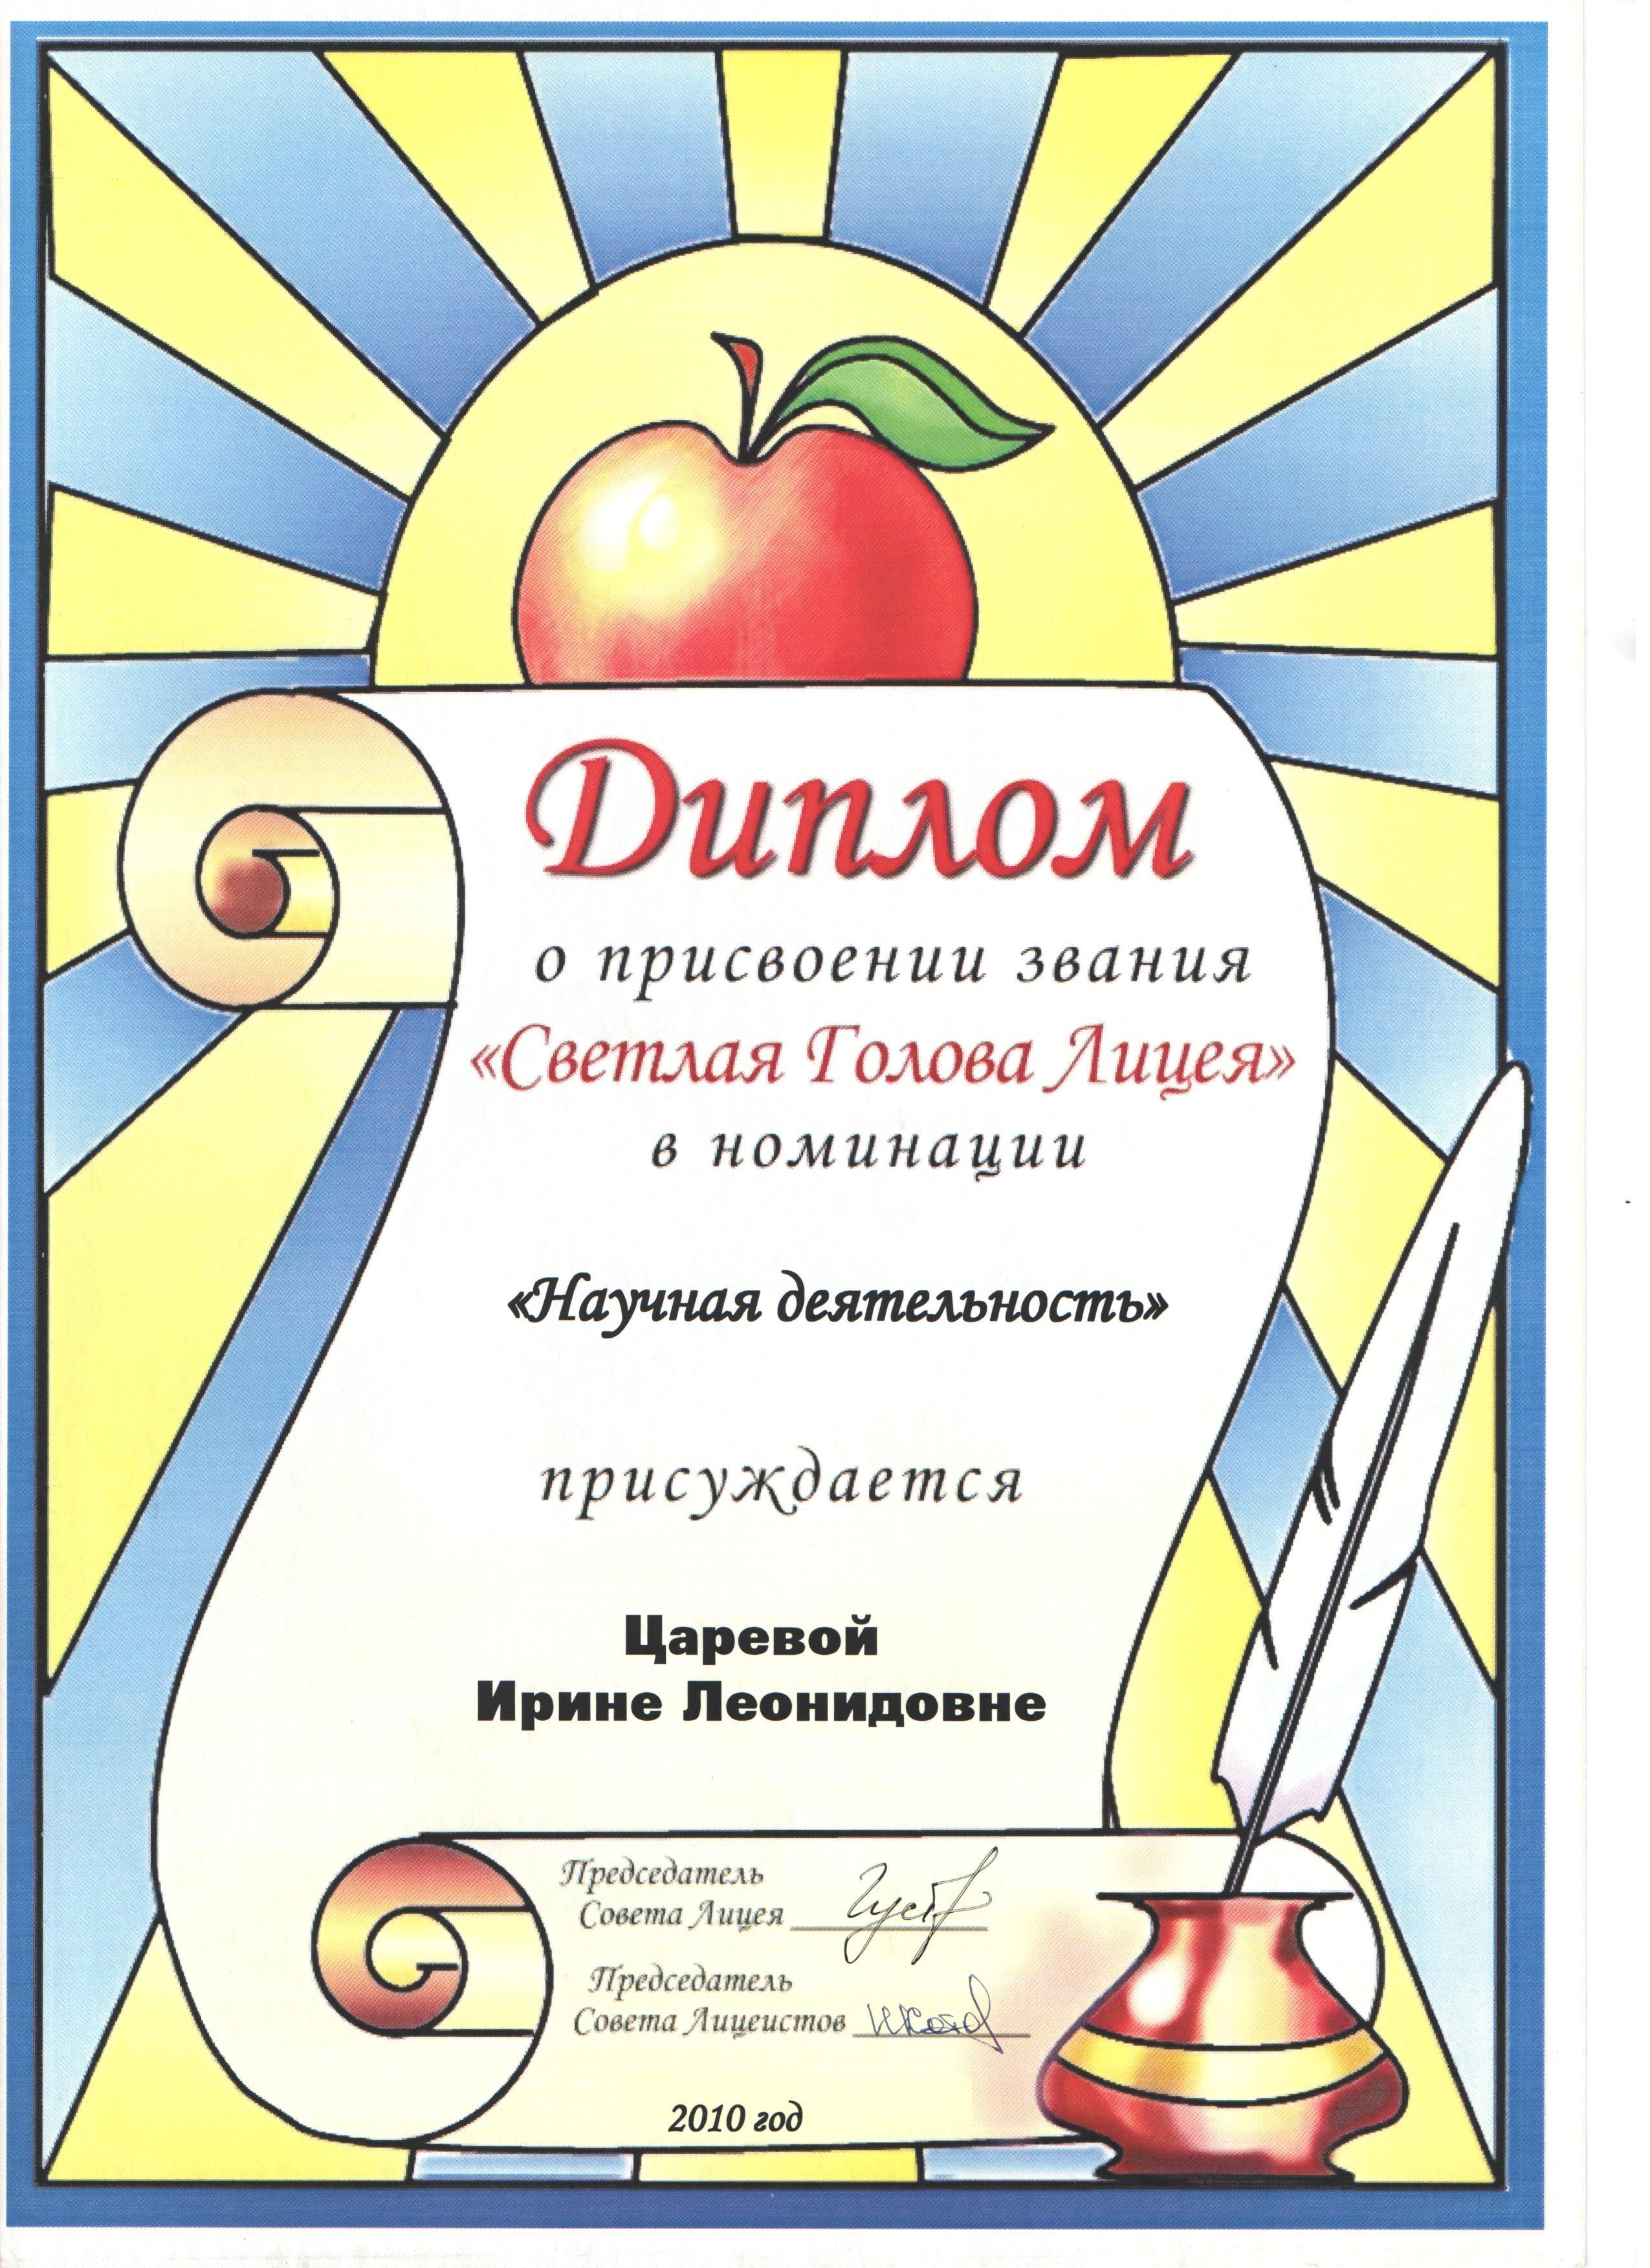 Ирина Царева Педагогическое интернет сообщество УчПортфолио ру  Диплом школьный